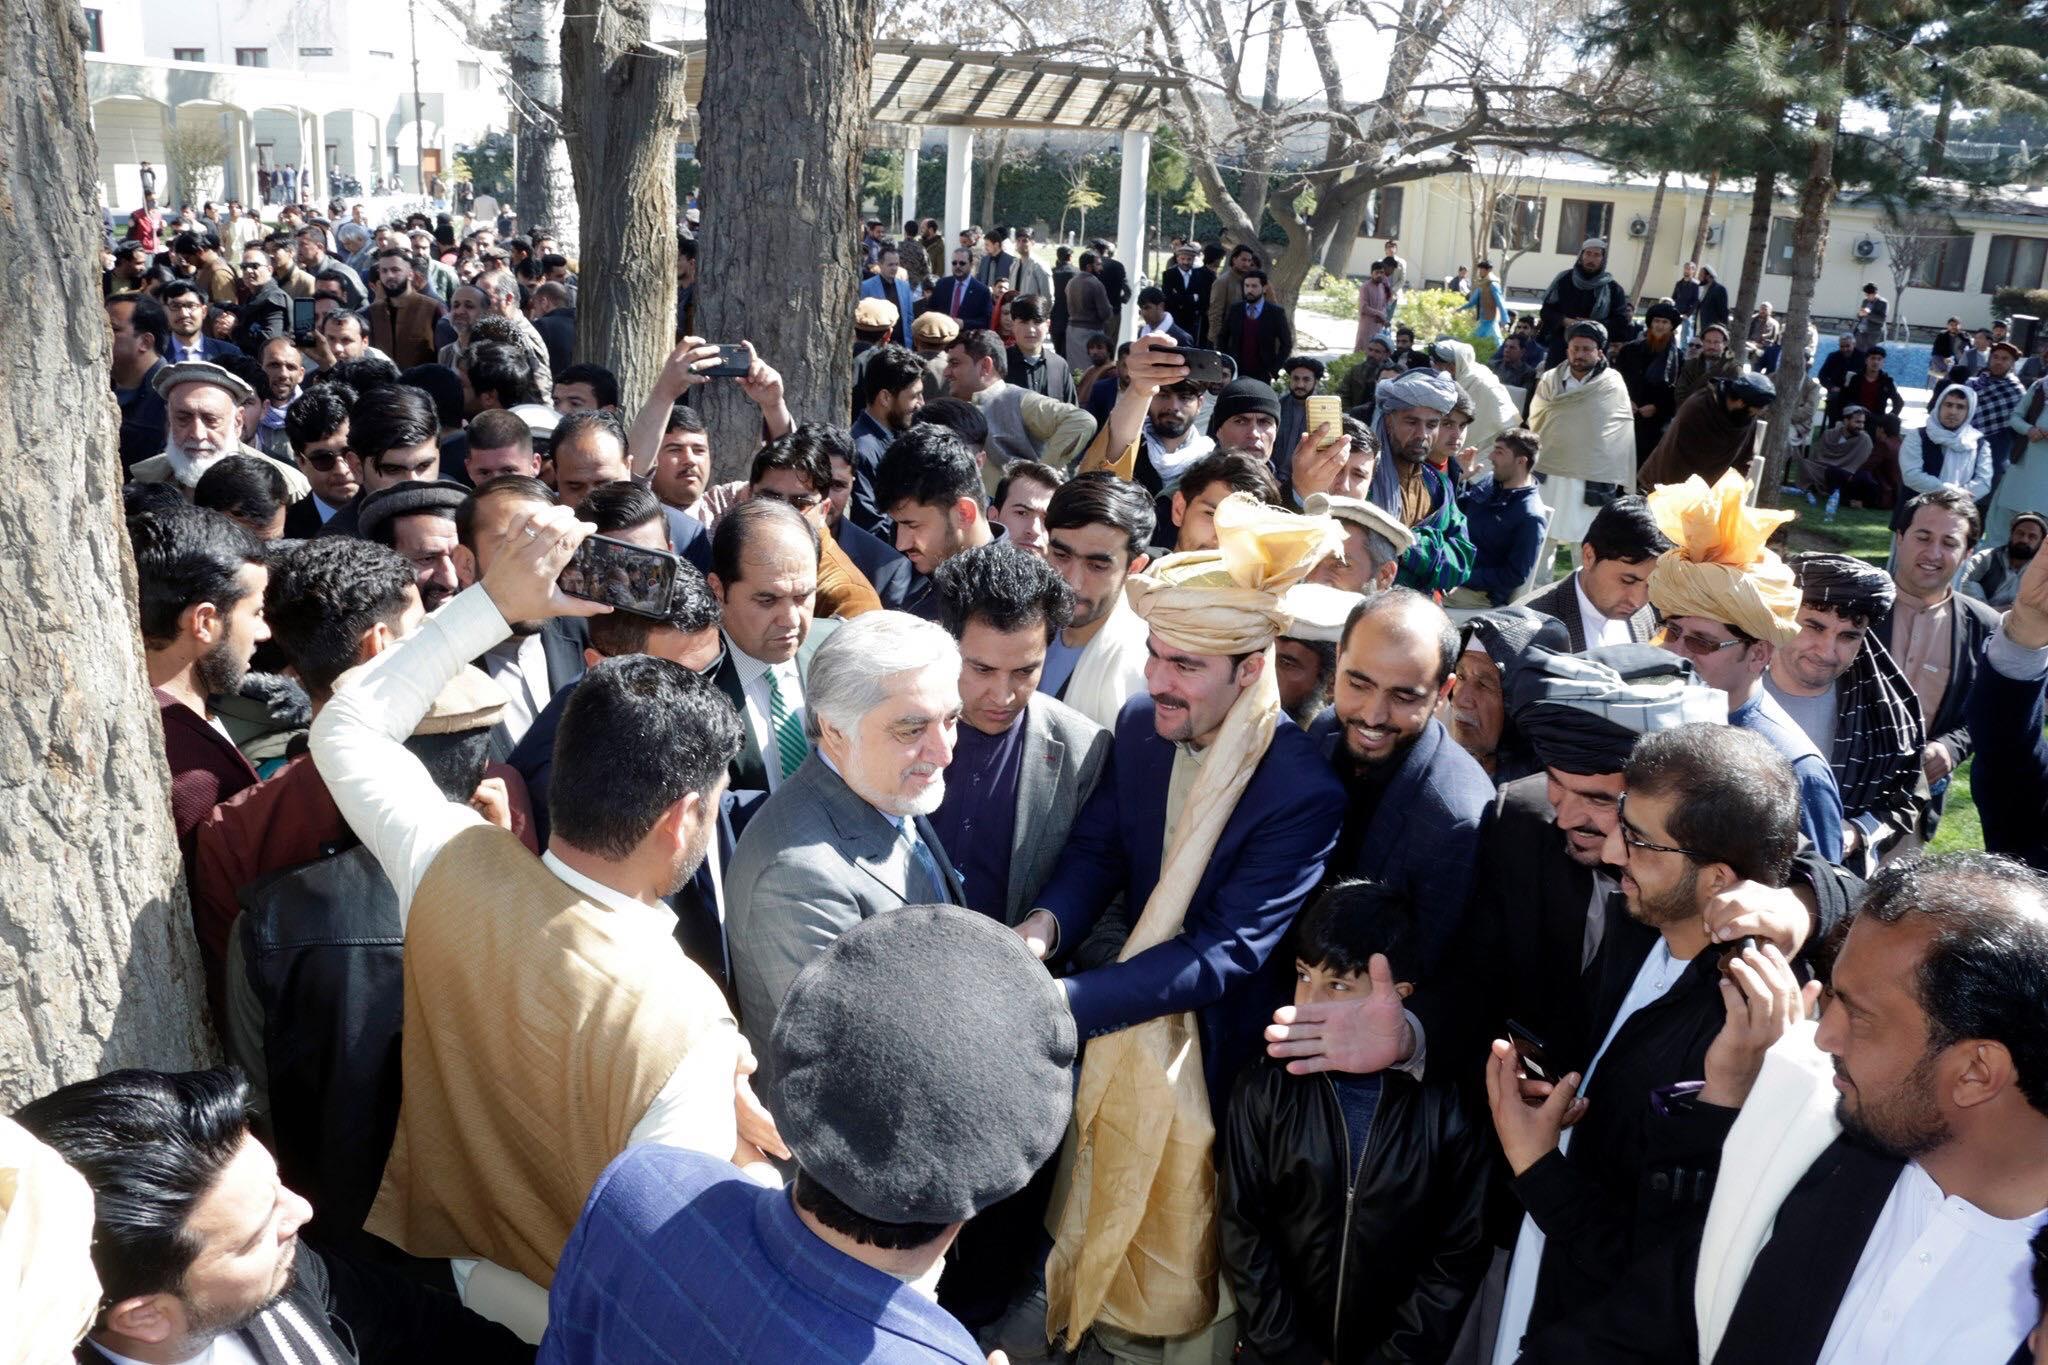 اعلام حمایت هزاران تن از اقوام مختلف پشتون از تشکیل حکومت همهشمول